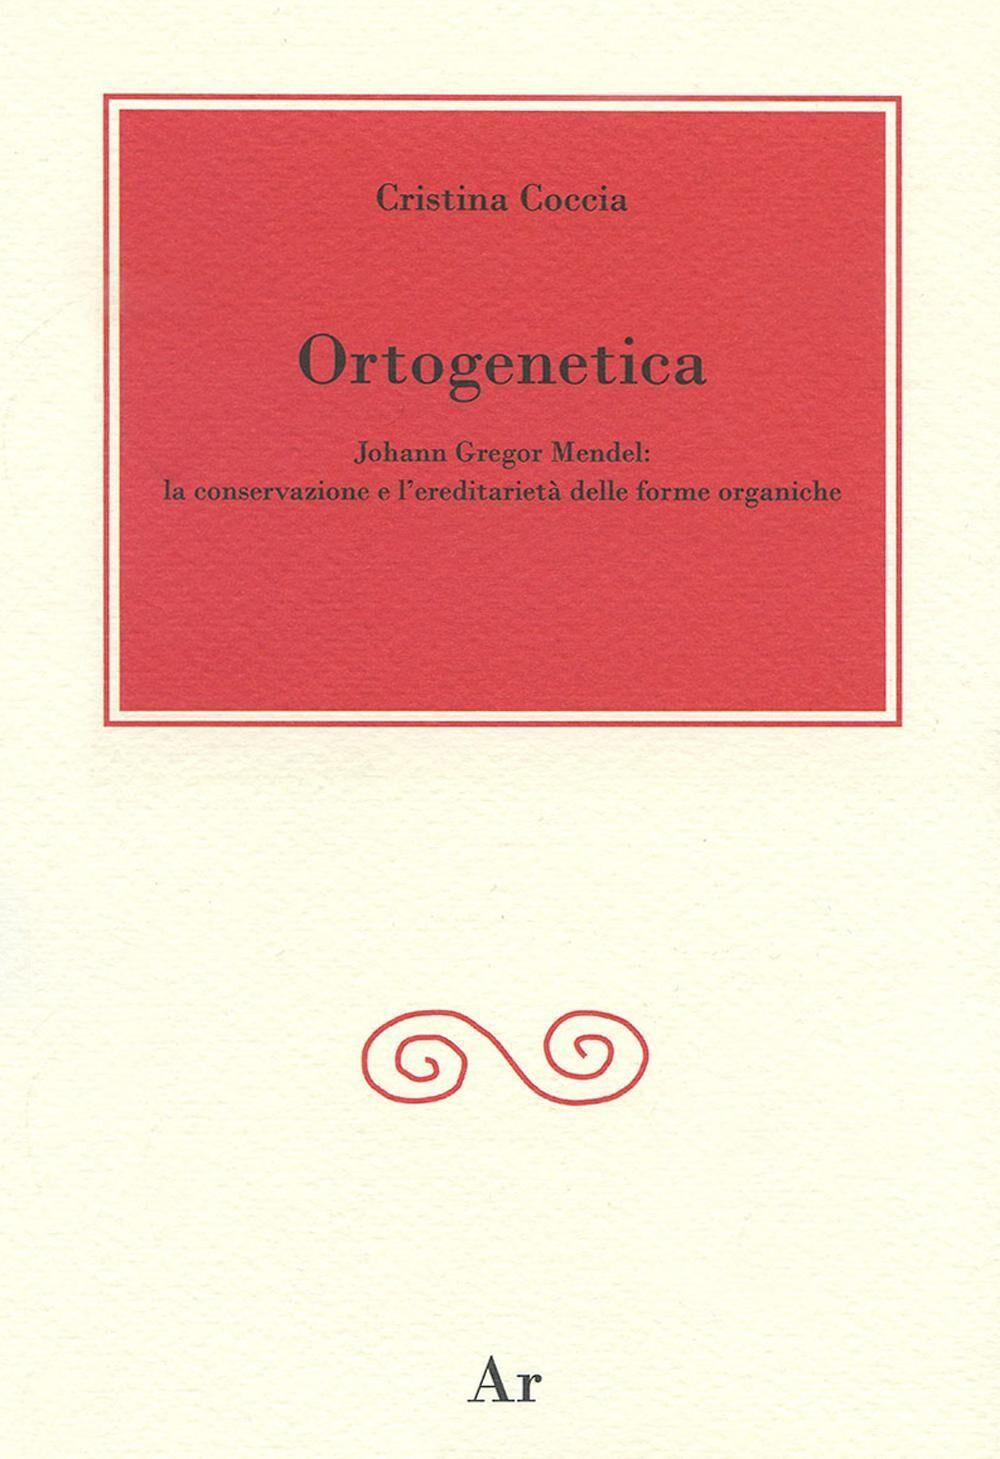 Ortogenetica. Johann Gregor Mendel. La conservazione e l'eredità delle forme organiche